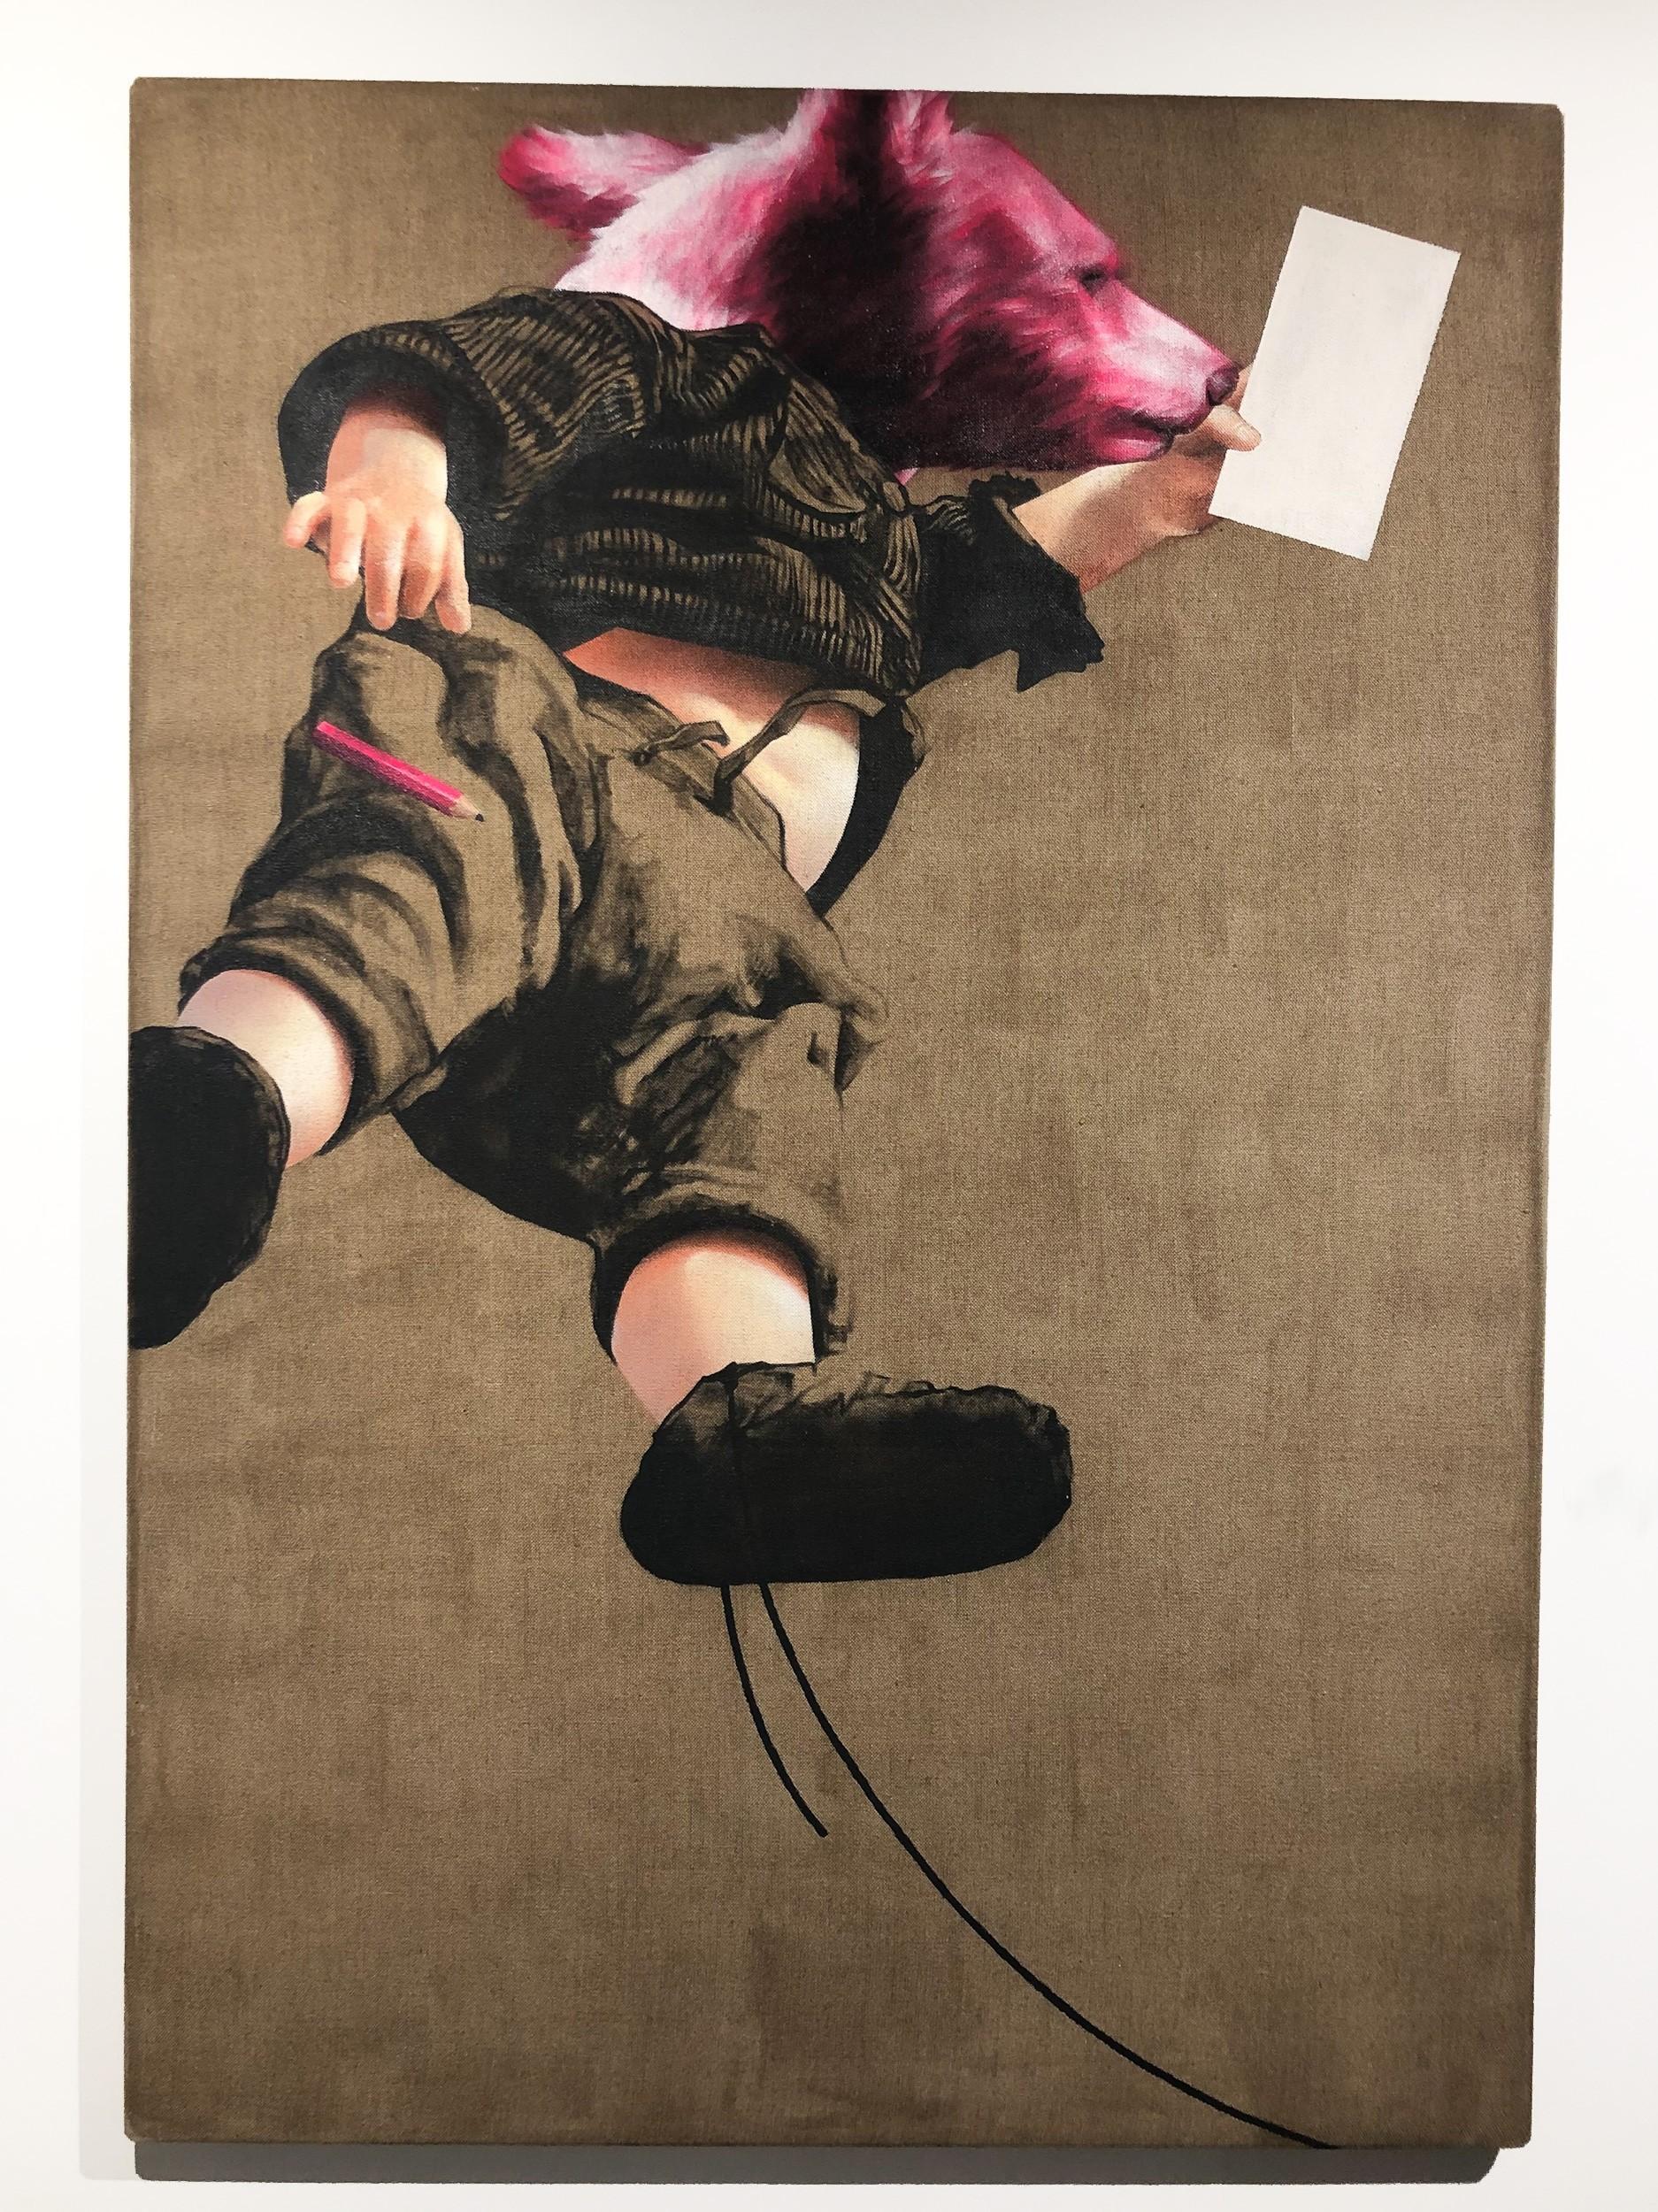 Pflegeleicht | Malerei von Jakob Tory Bardou, innerfields | Acryl auf Leinwand, 110 x 160 cm